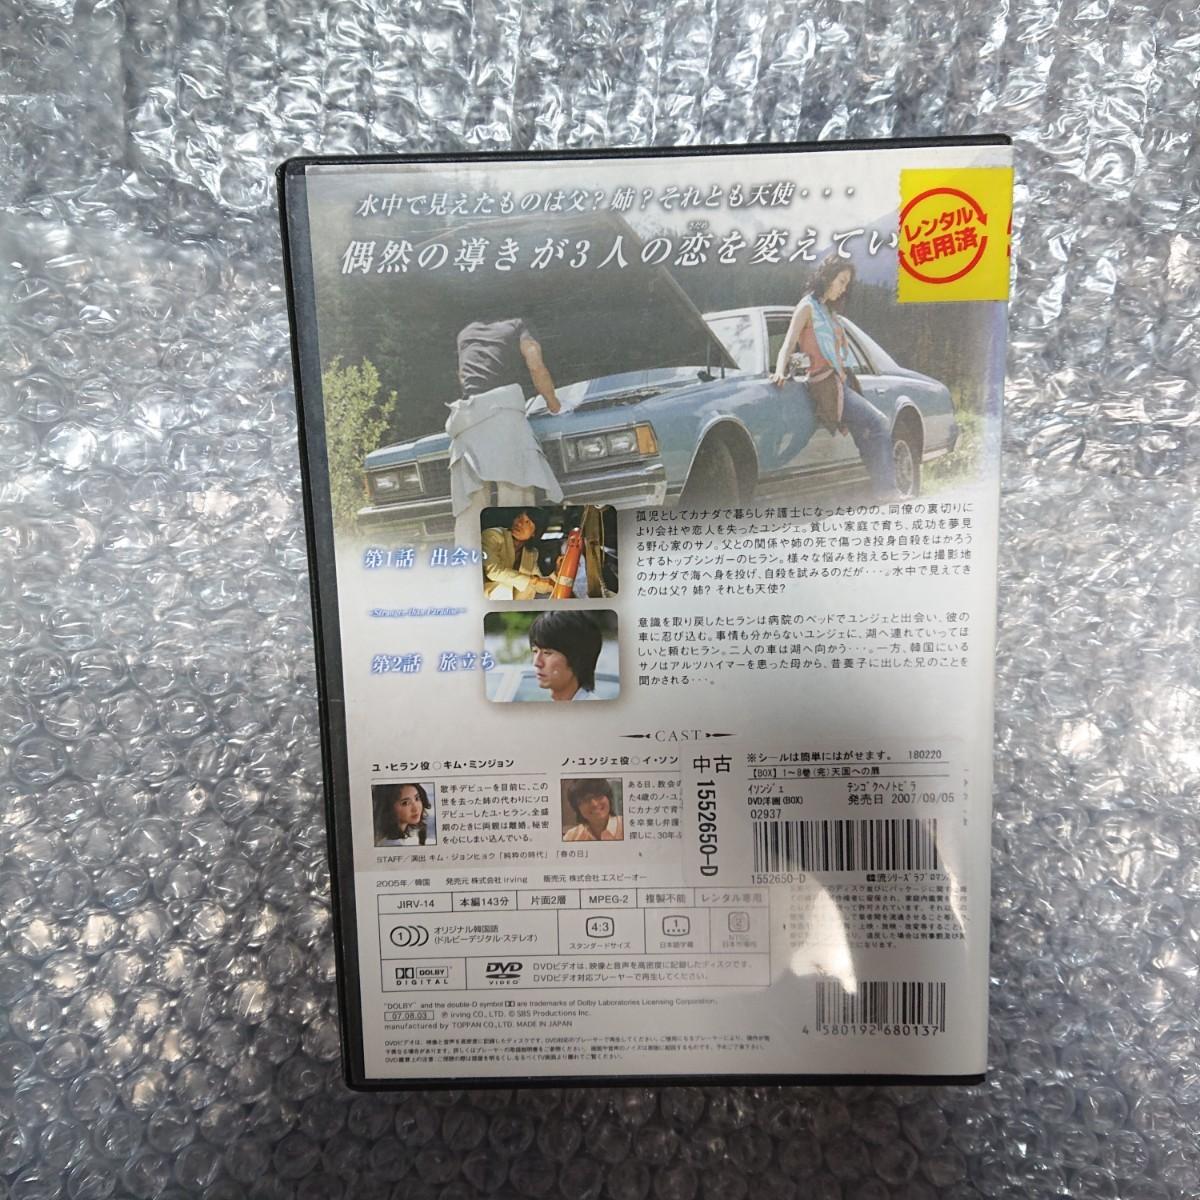 韓国ドラマDVD 全巻 天国への扉 レンタル落ちDVD 韓流ドラマ アジアドラマ